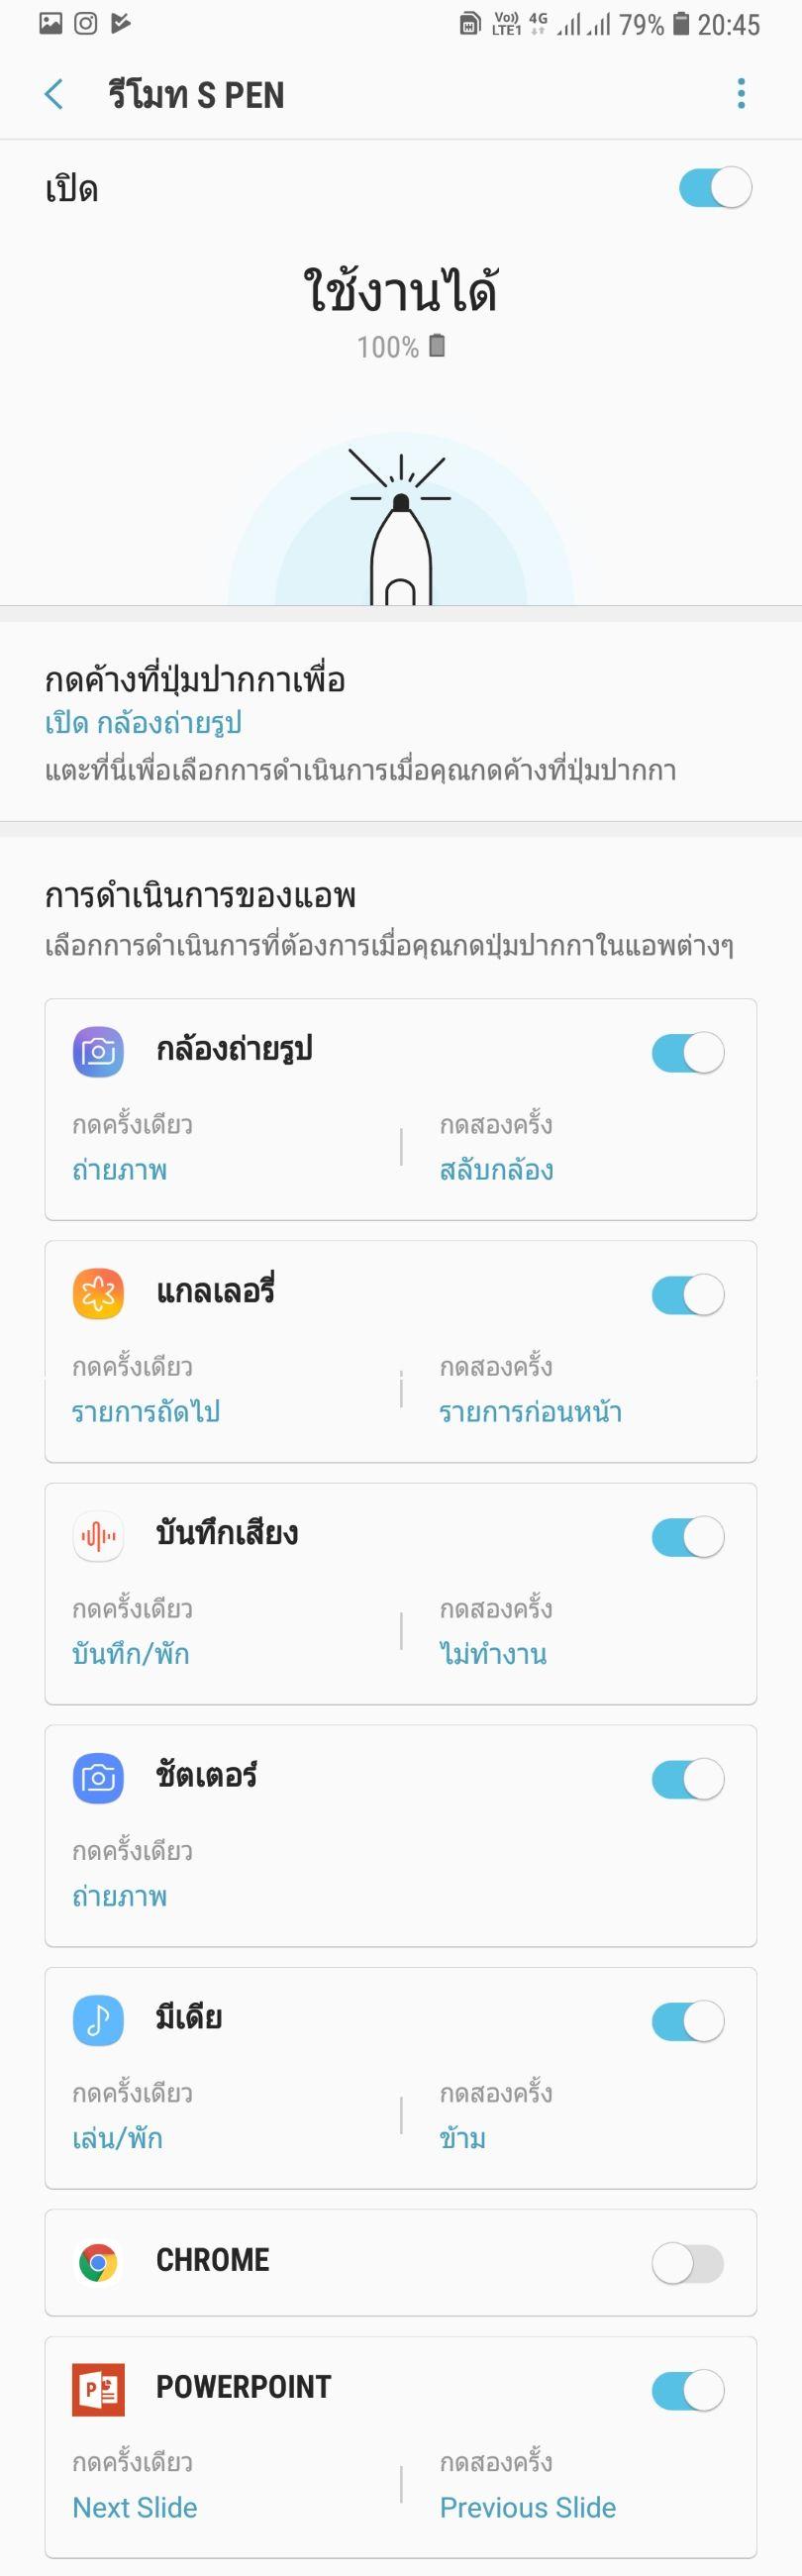 Samsung Galaxy Note 9 S PEN Remote Control